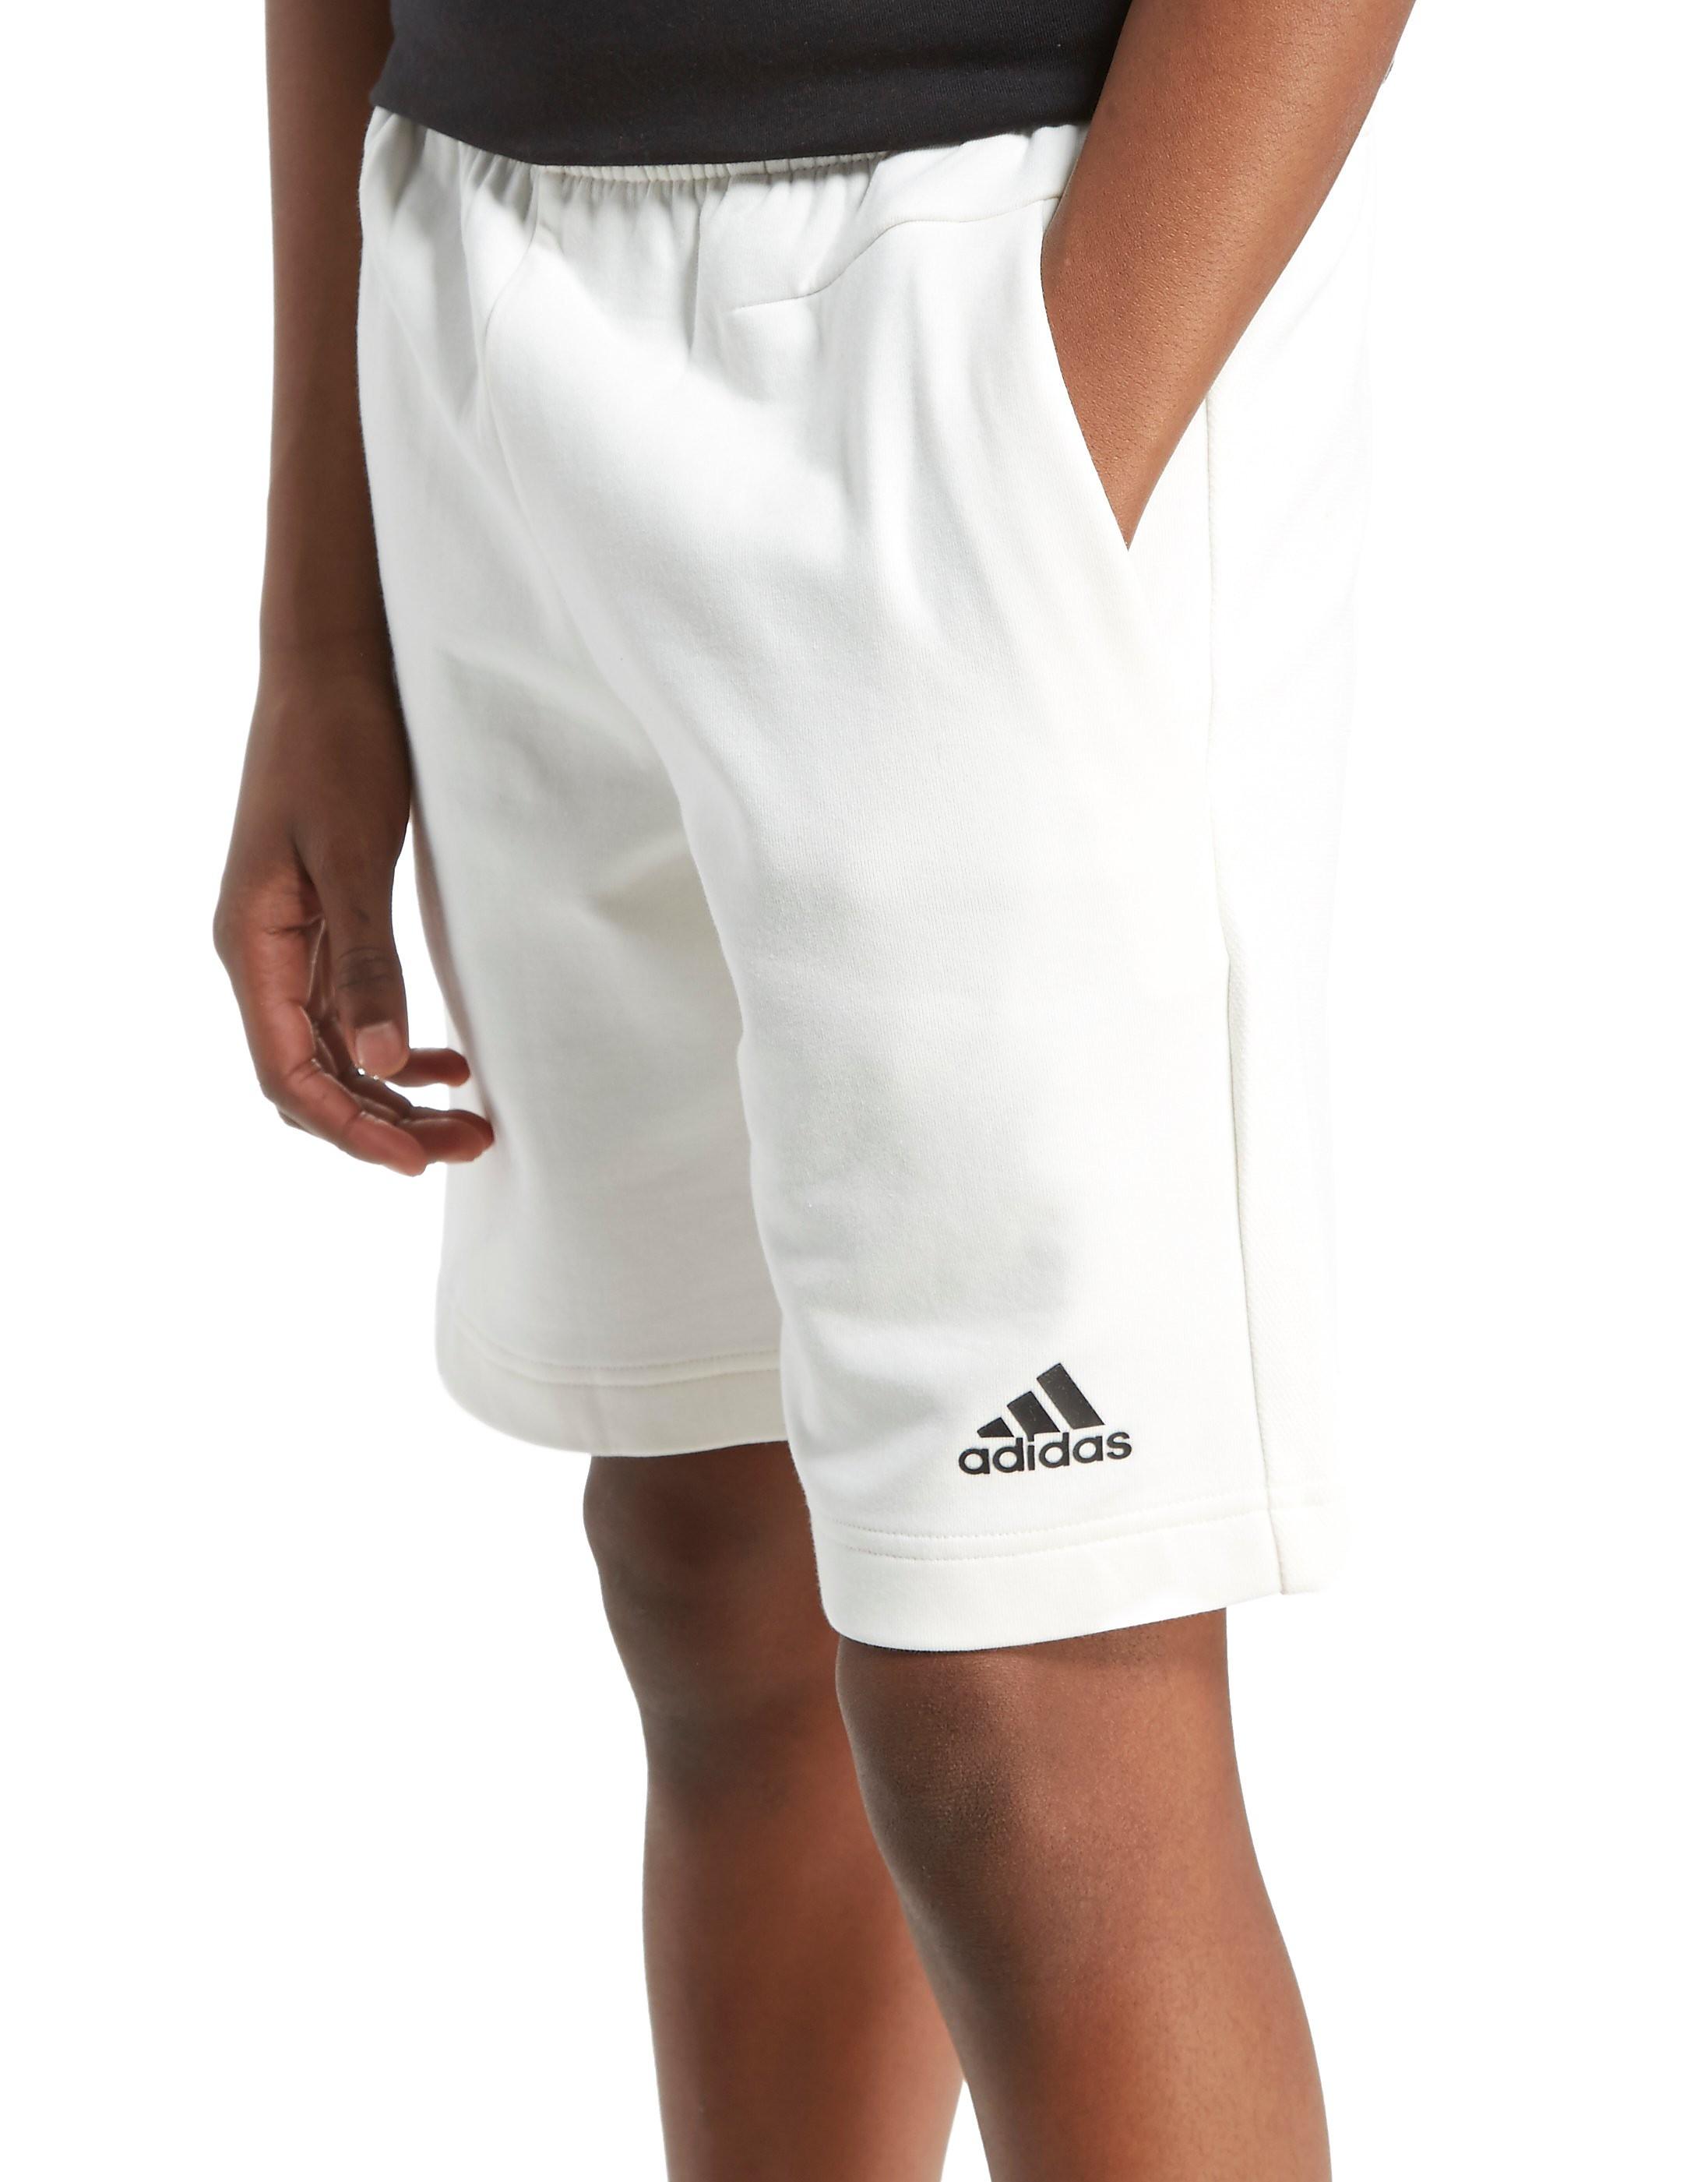 adidas Z.N.E. Shorts Junior